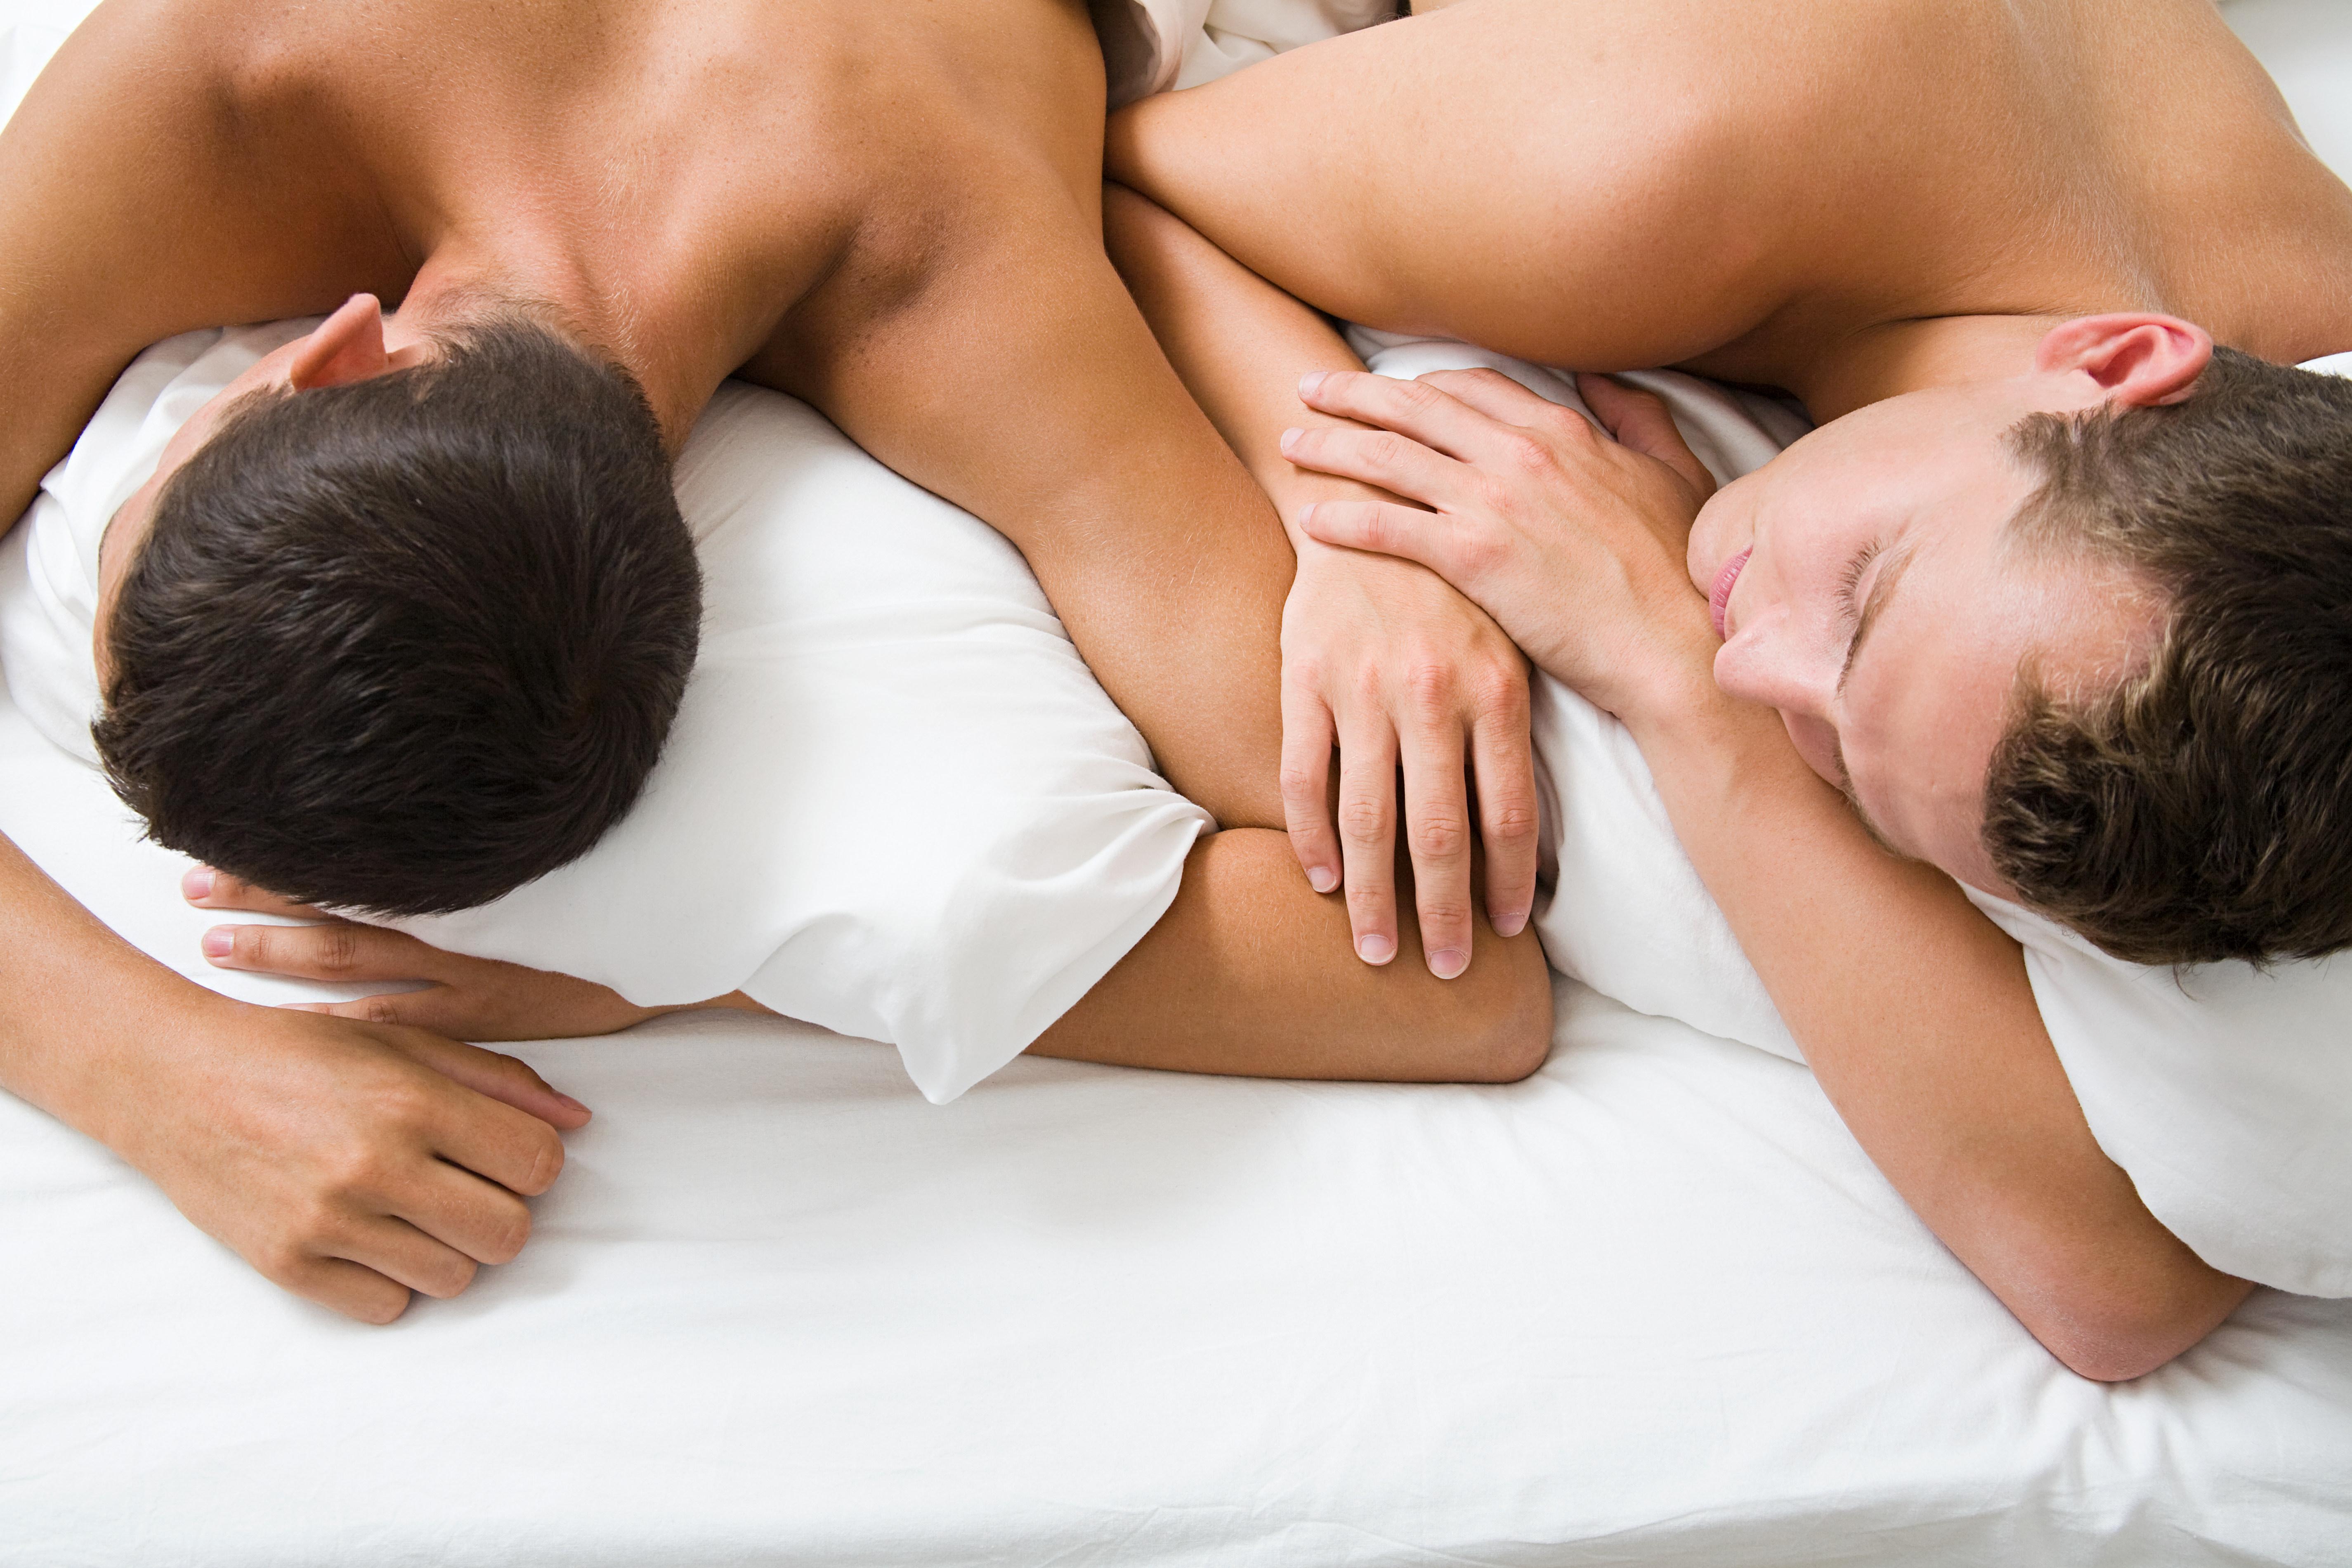 Секс двое мужчина, Мужики Гей порно видео 24 фотография